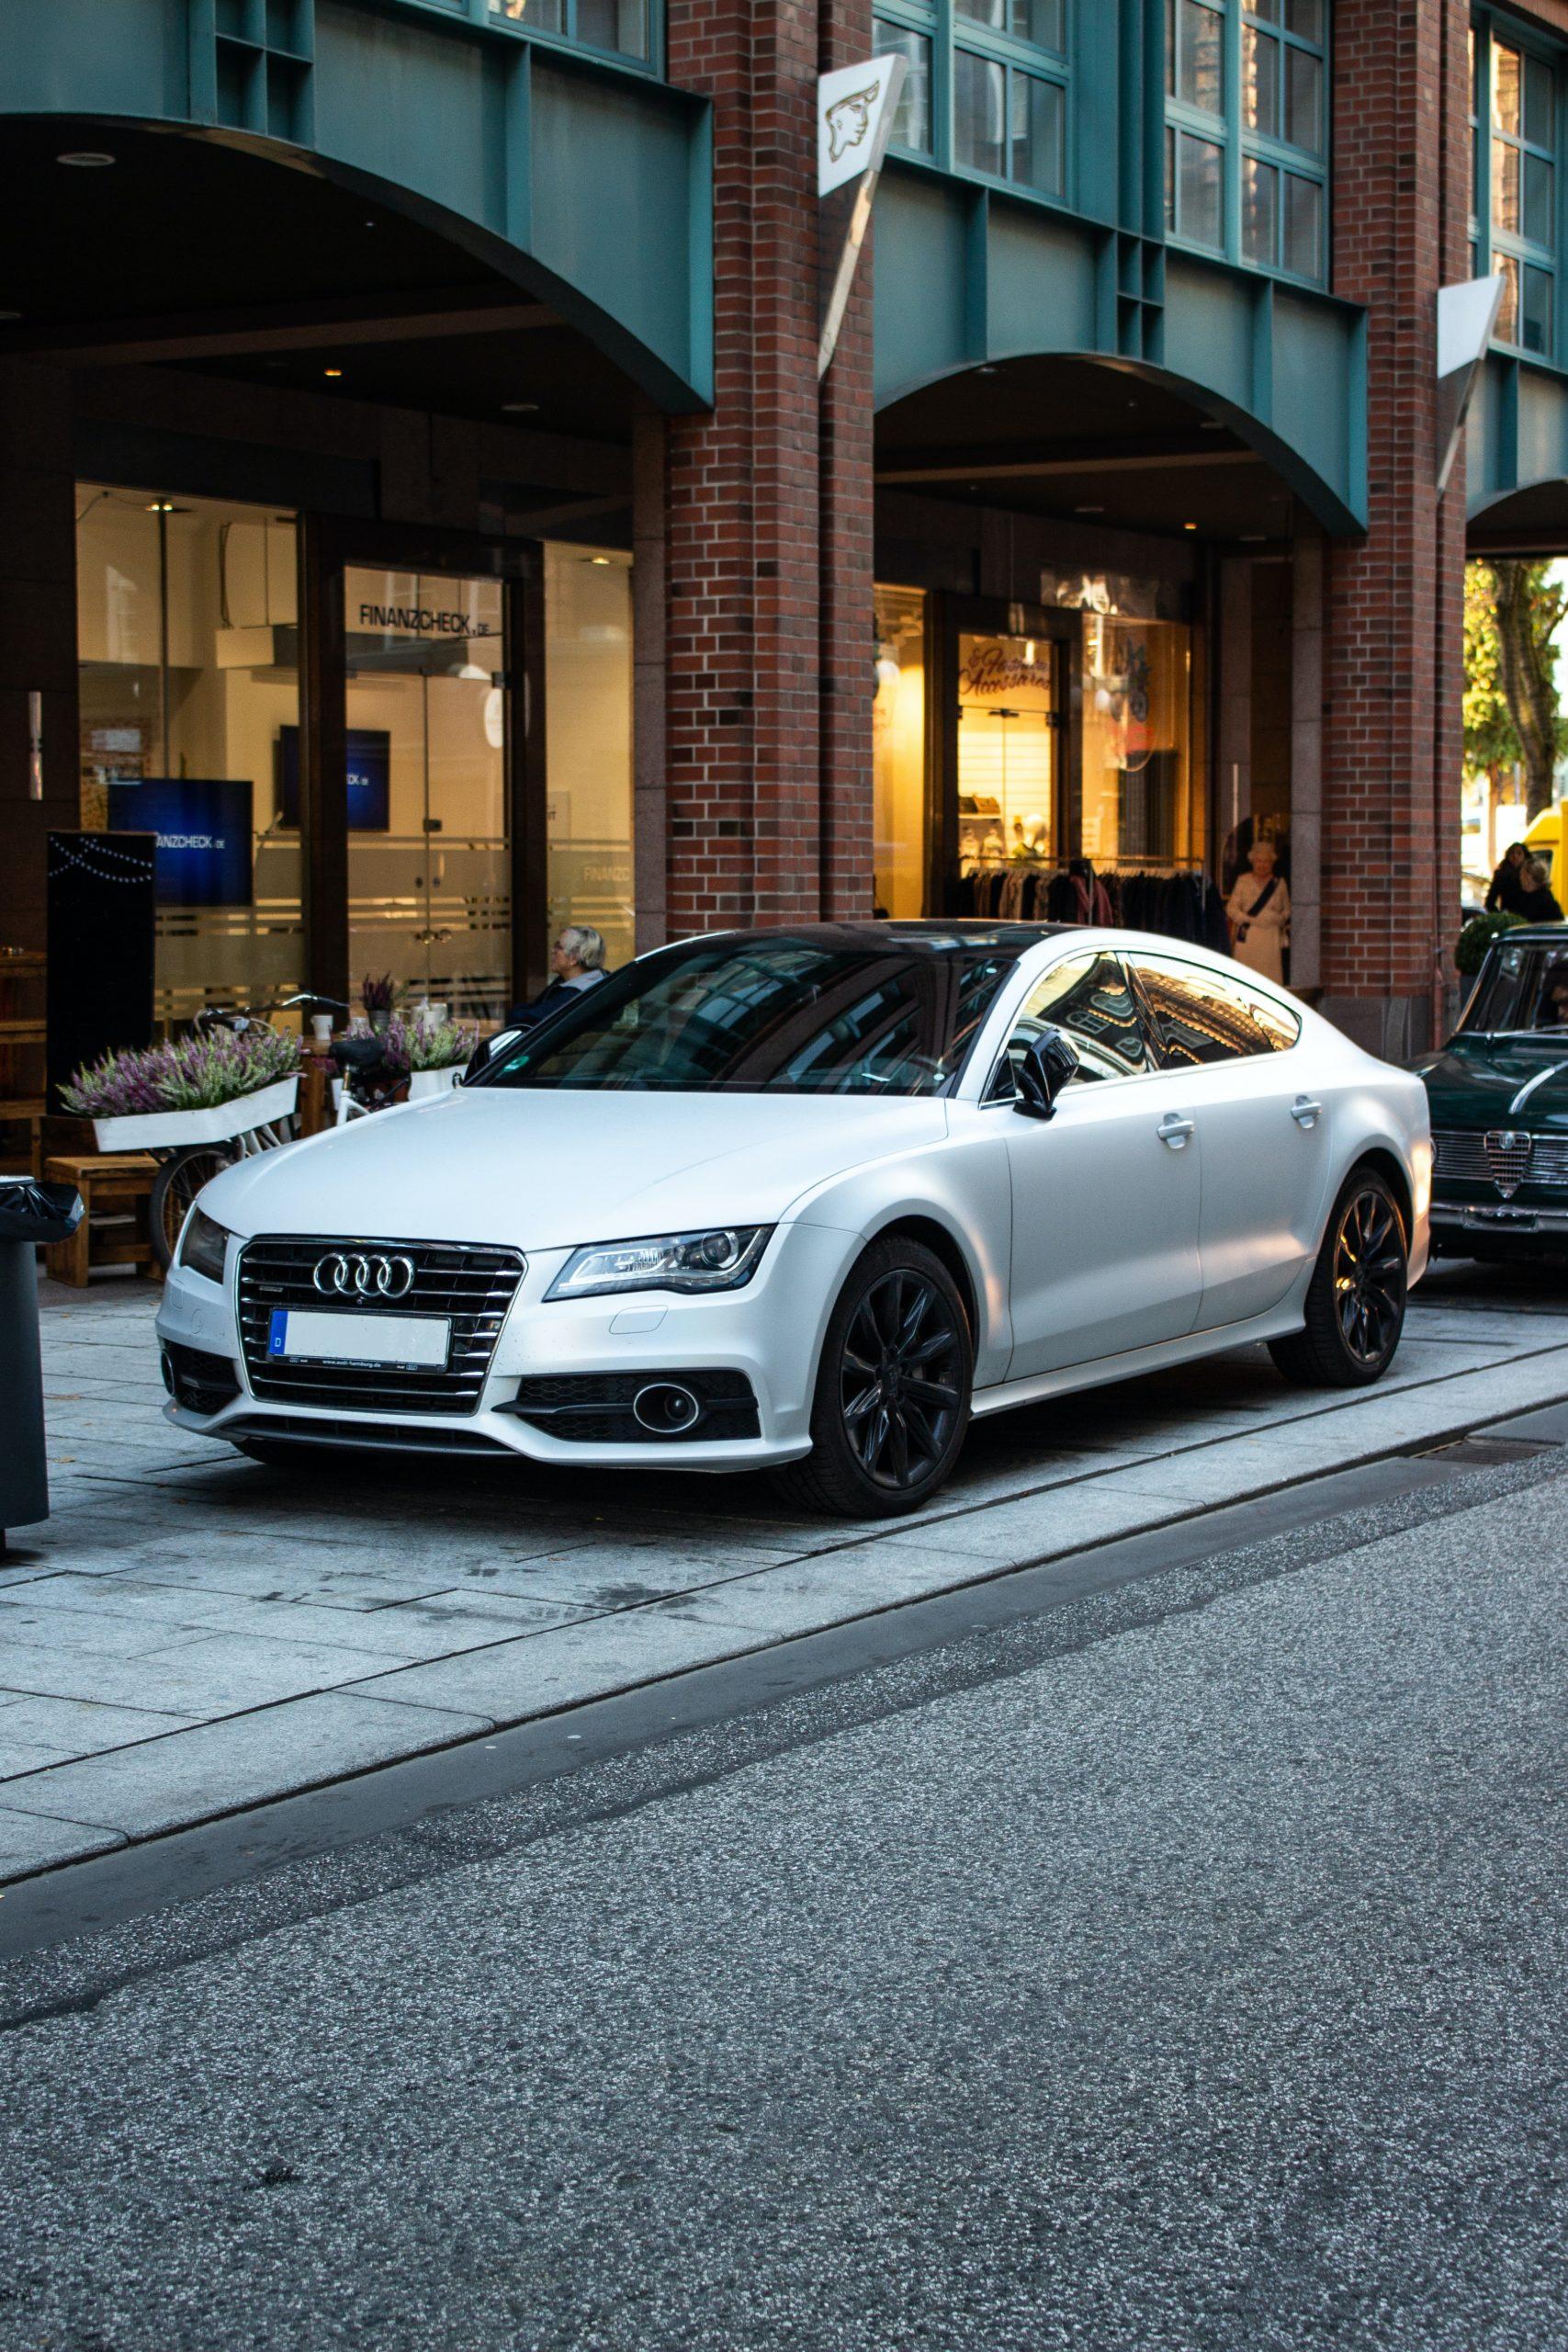 Audi Maintenance Cost